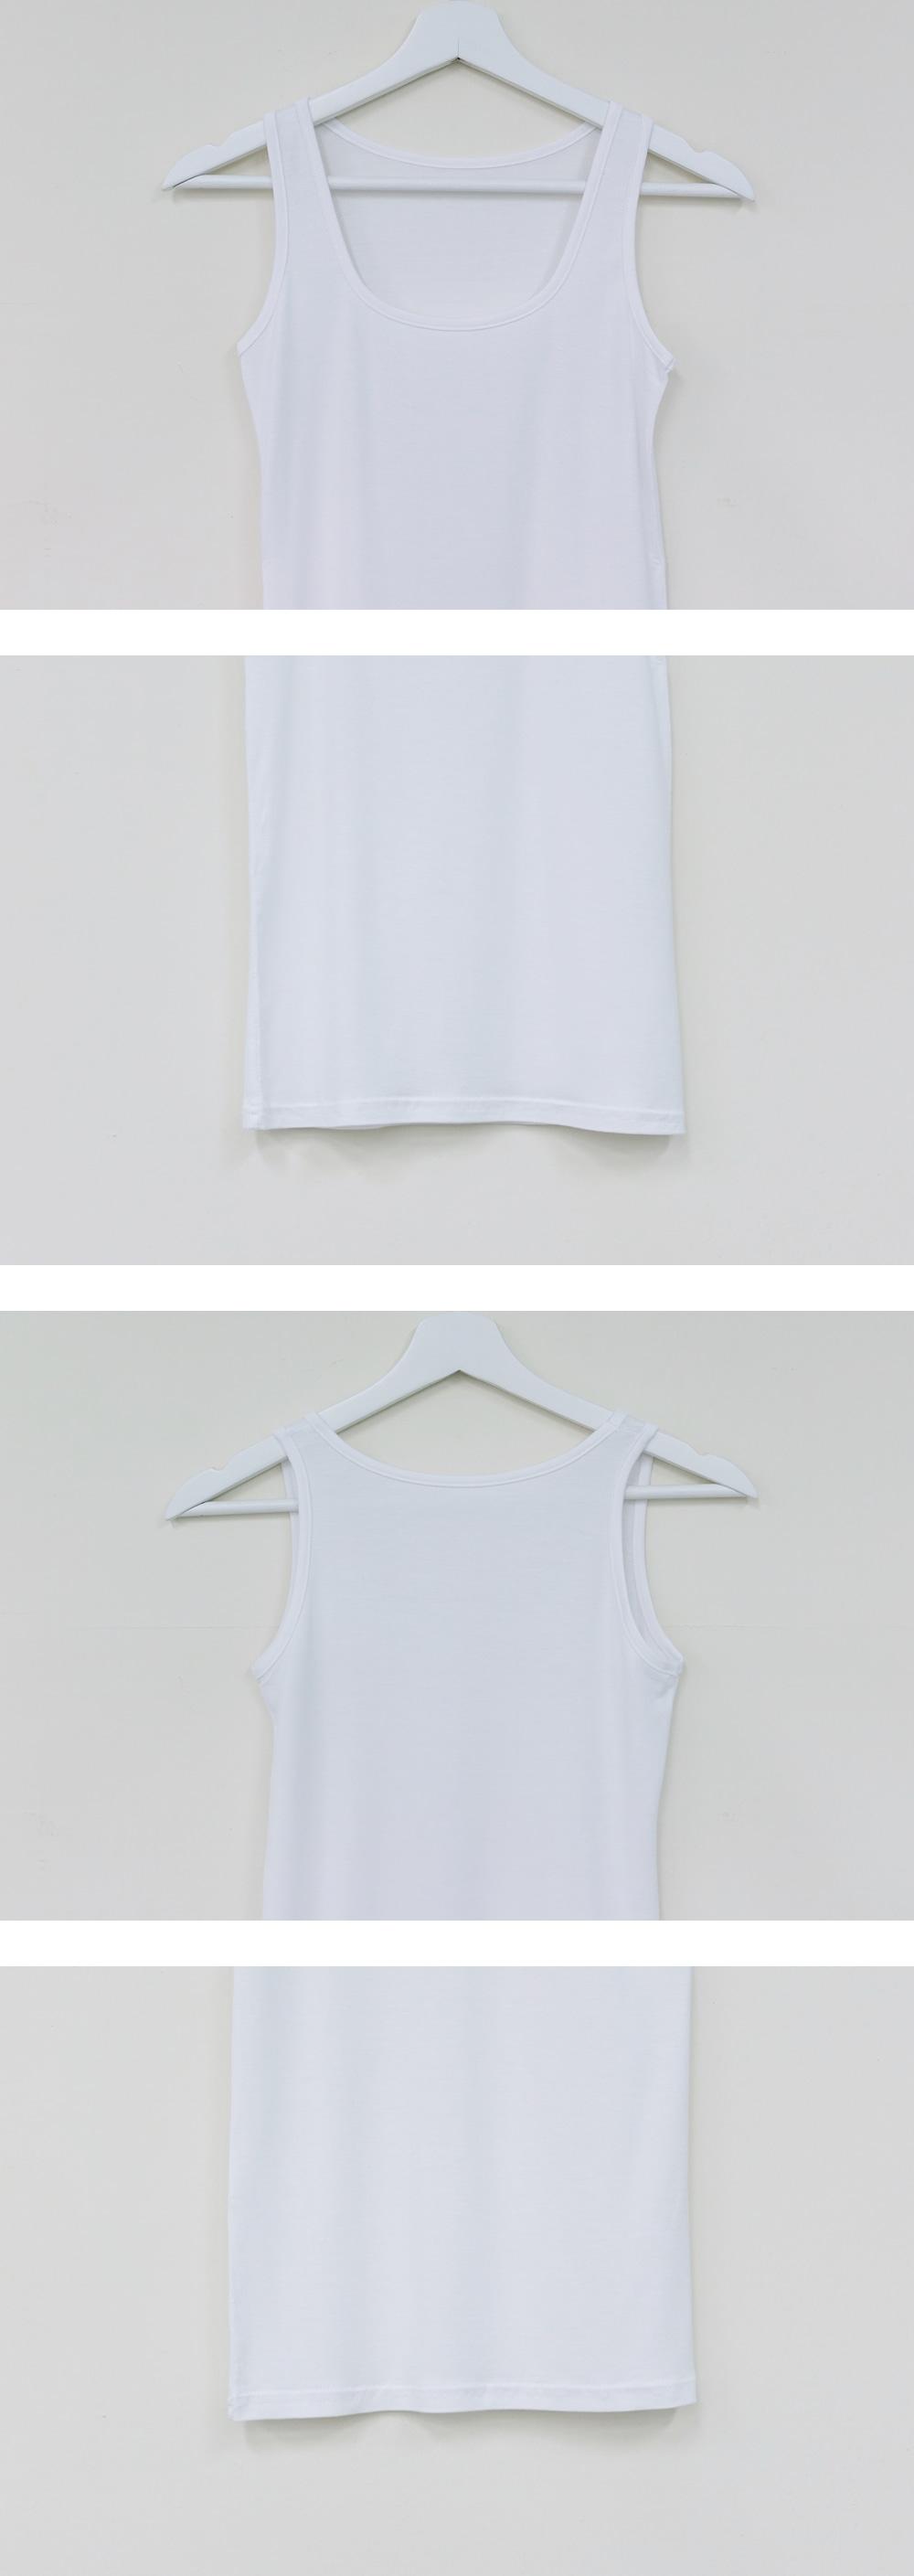 Basic U neck sleeveless